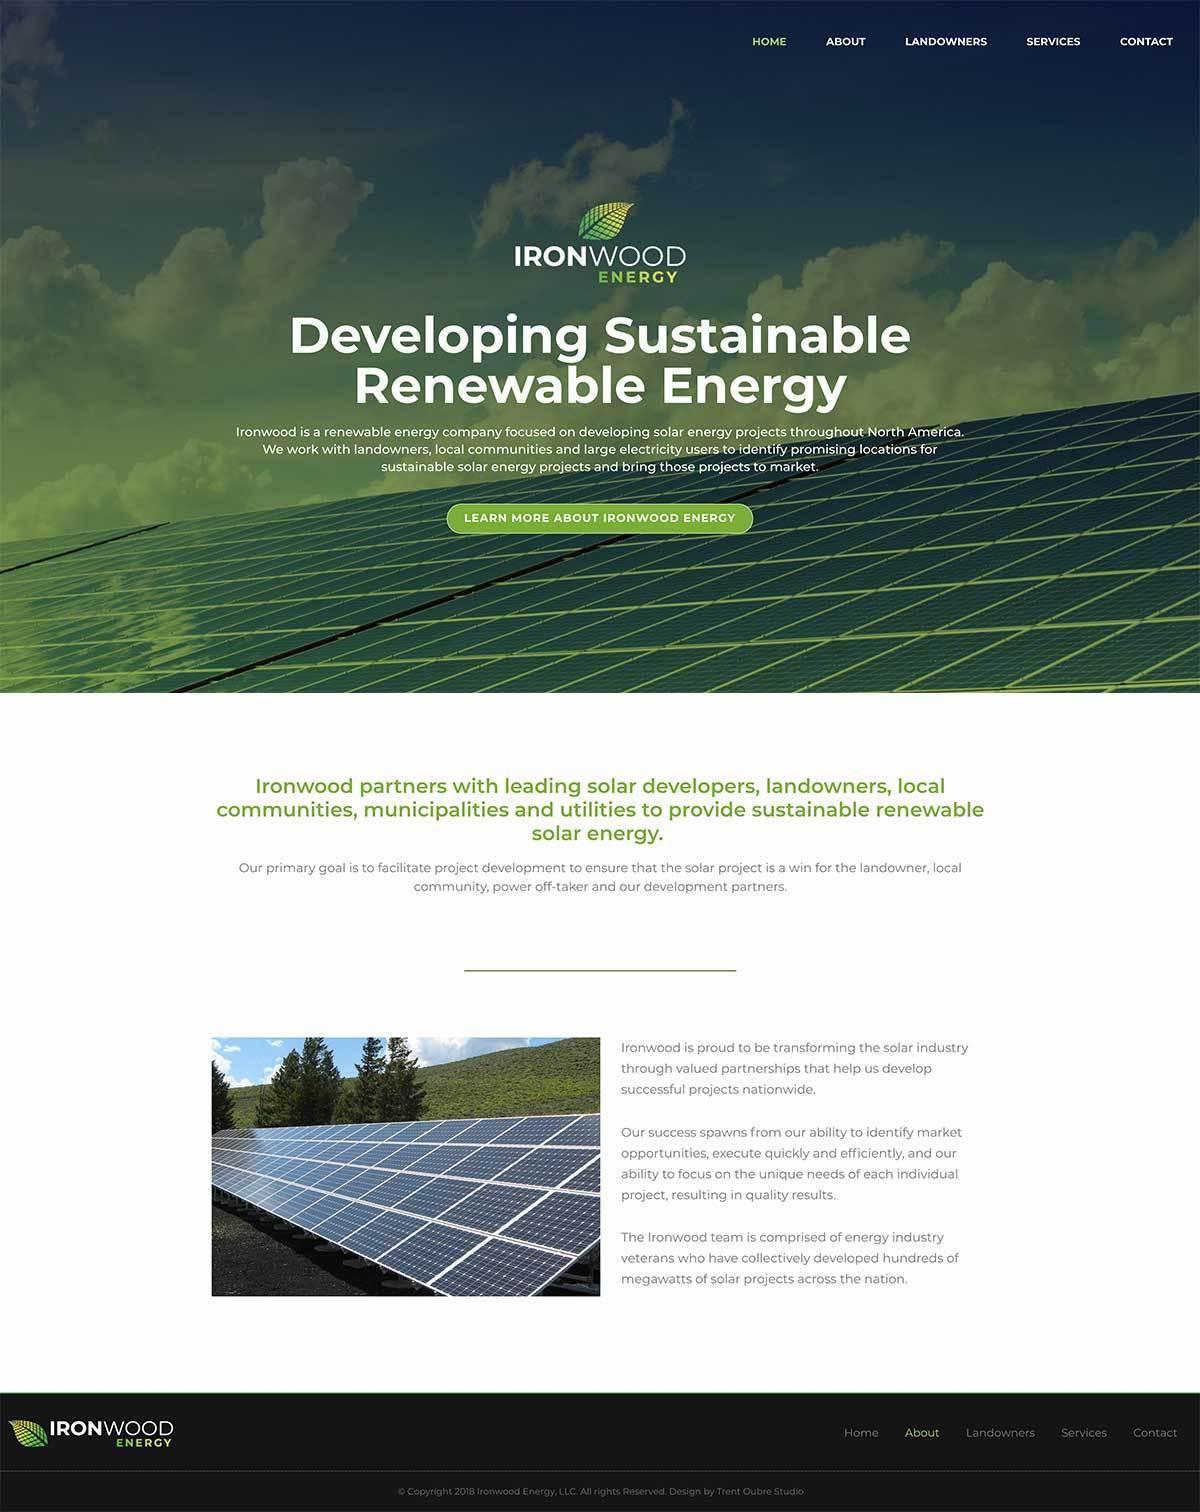 Ironwood Energy Website